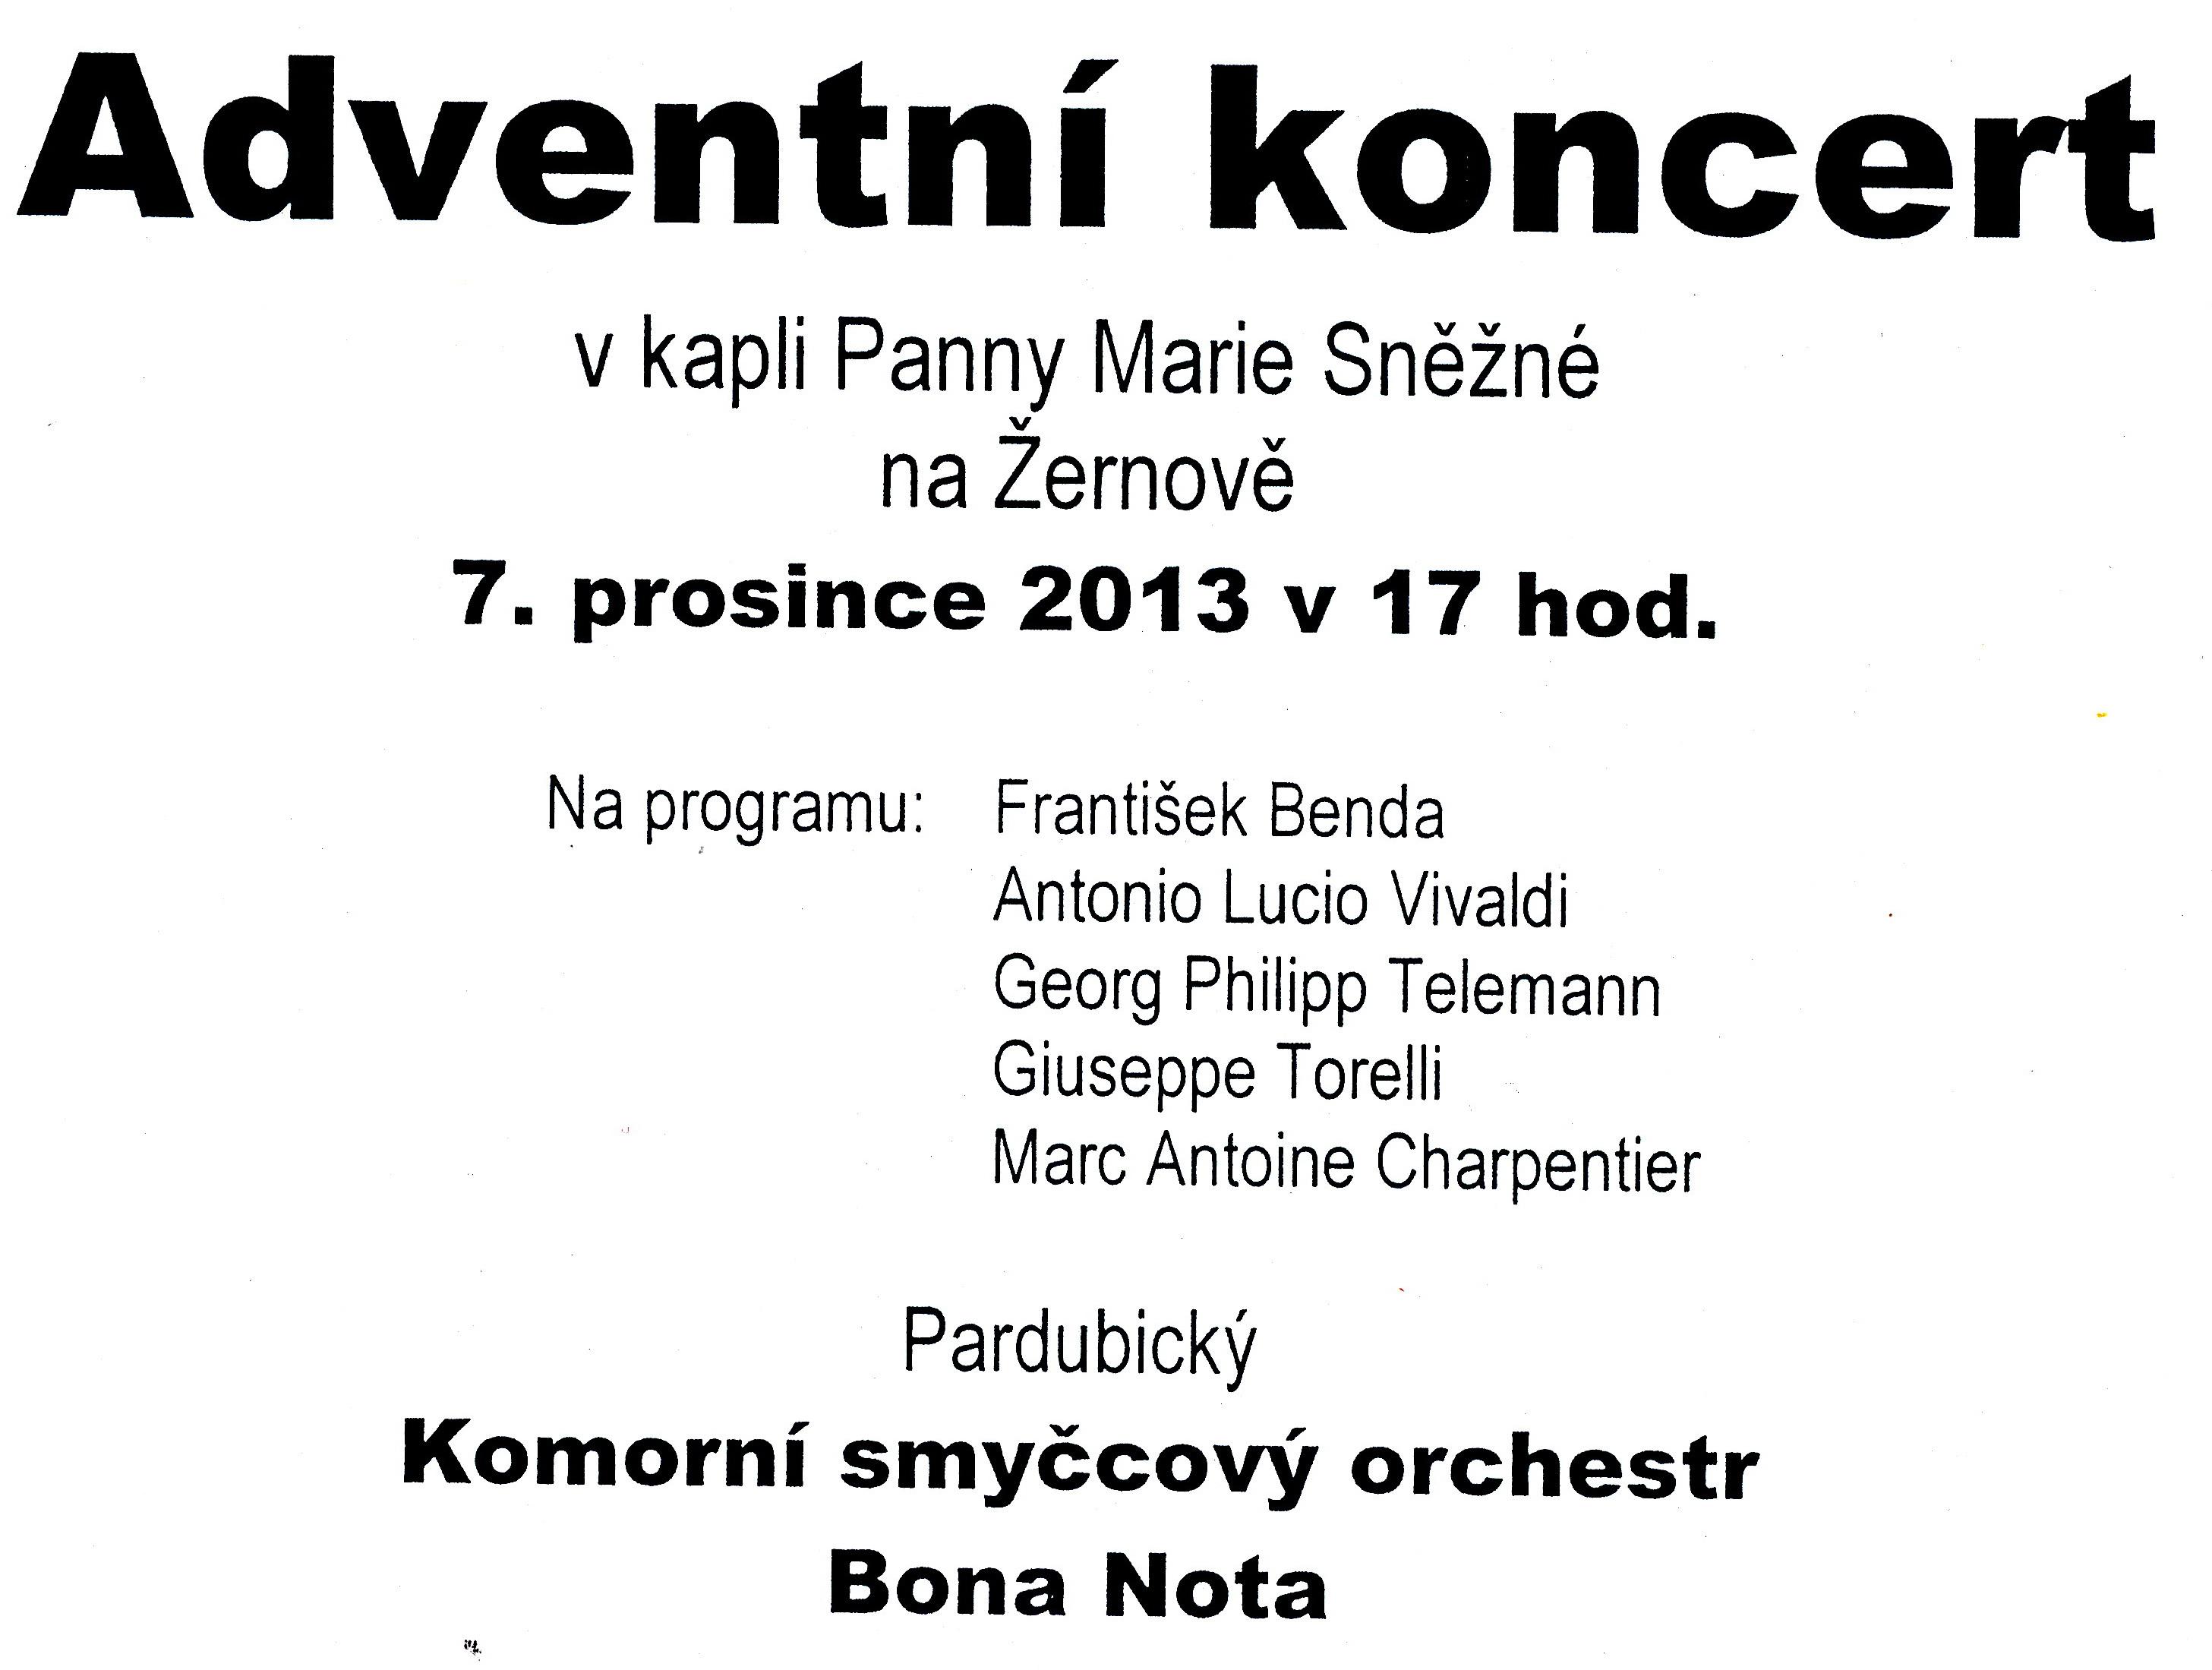 OBRÁZEK : adventni_koncert_2013.jpg